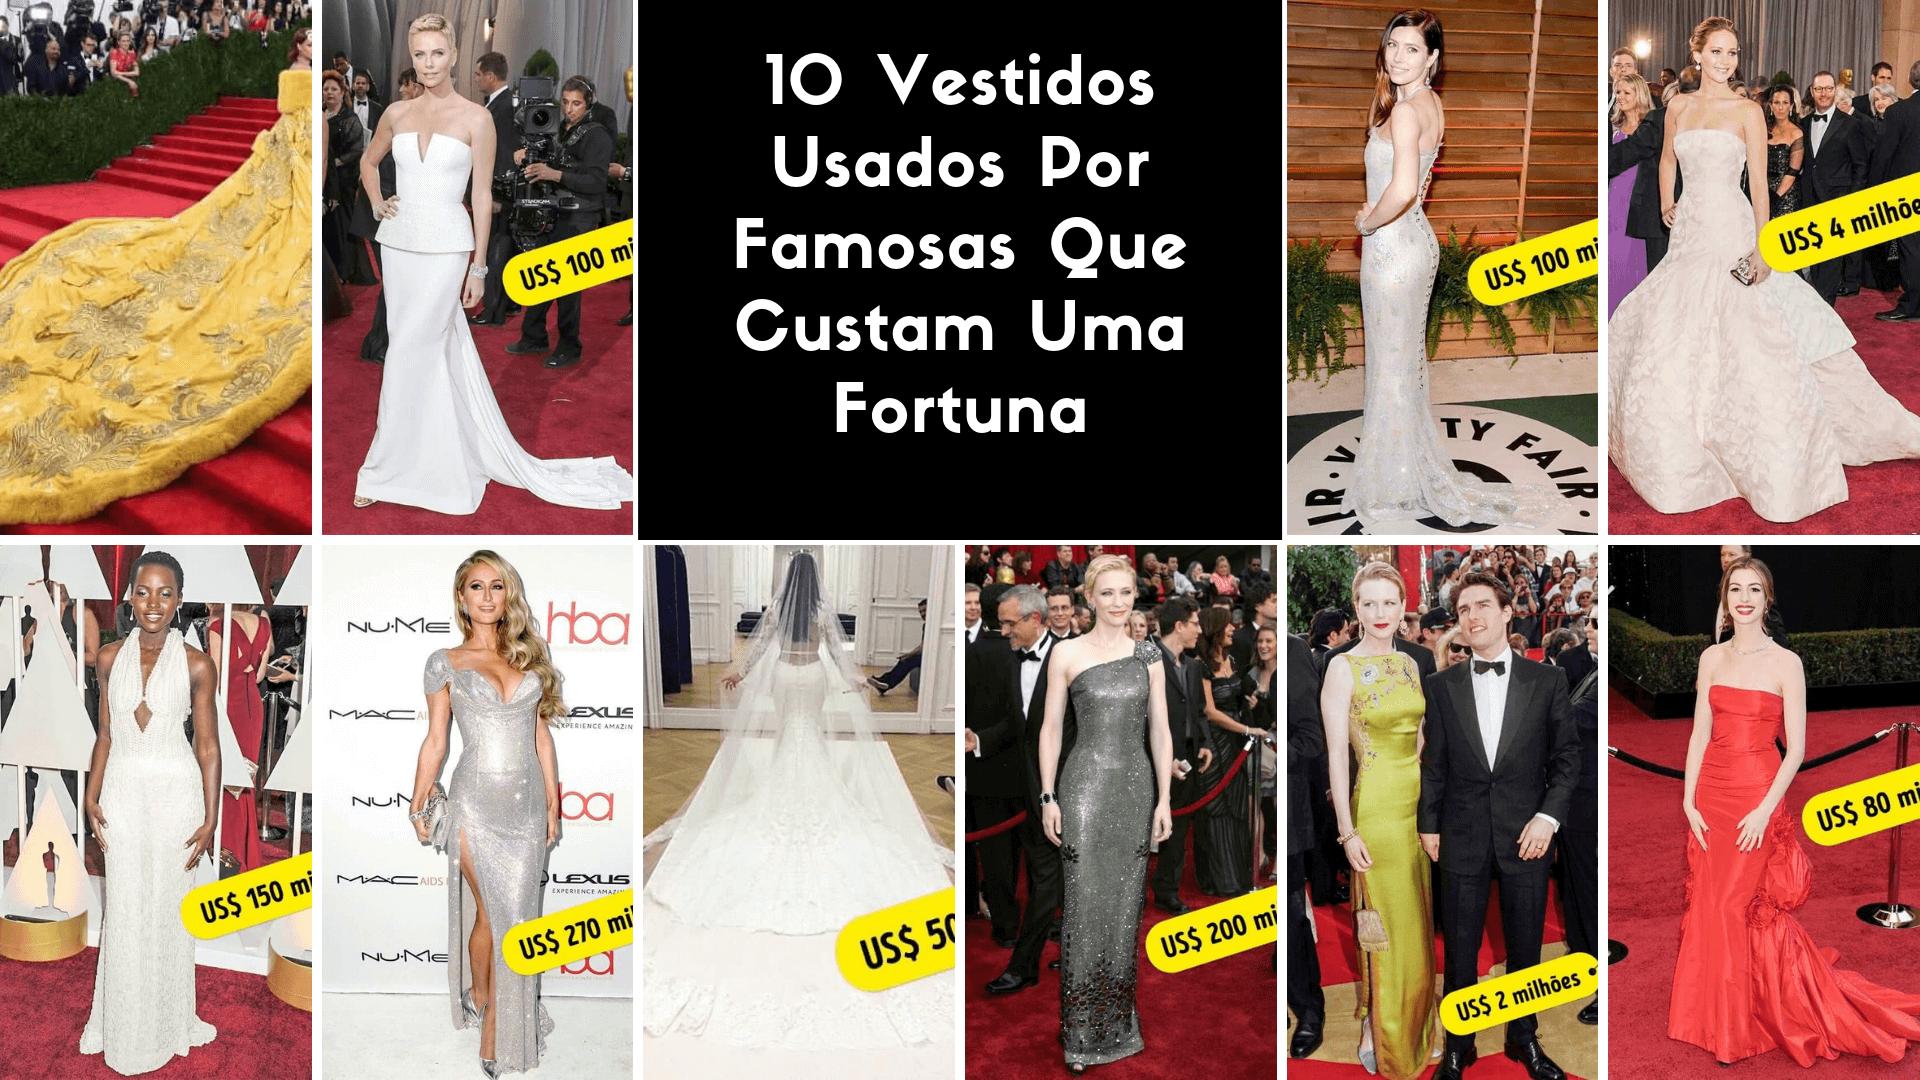 10 Vestidos Usados Por Famosas Que Custam Uma Fortuna. Você Usaria?